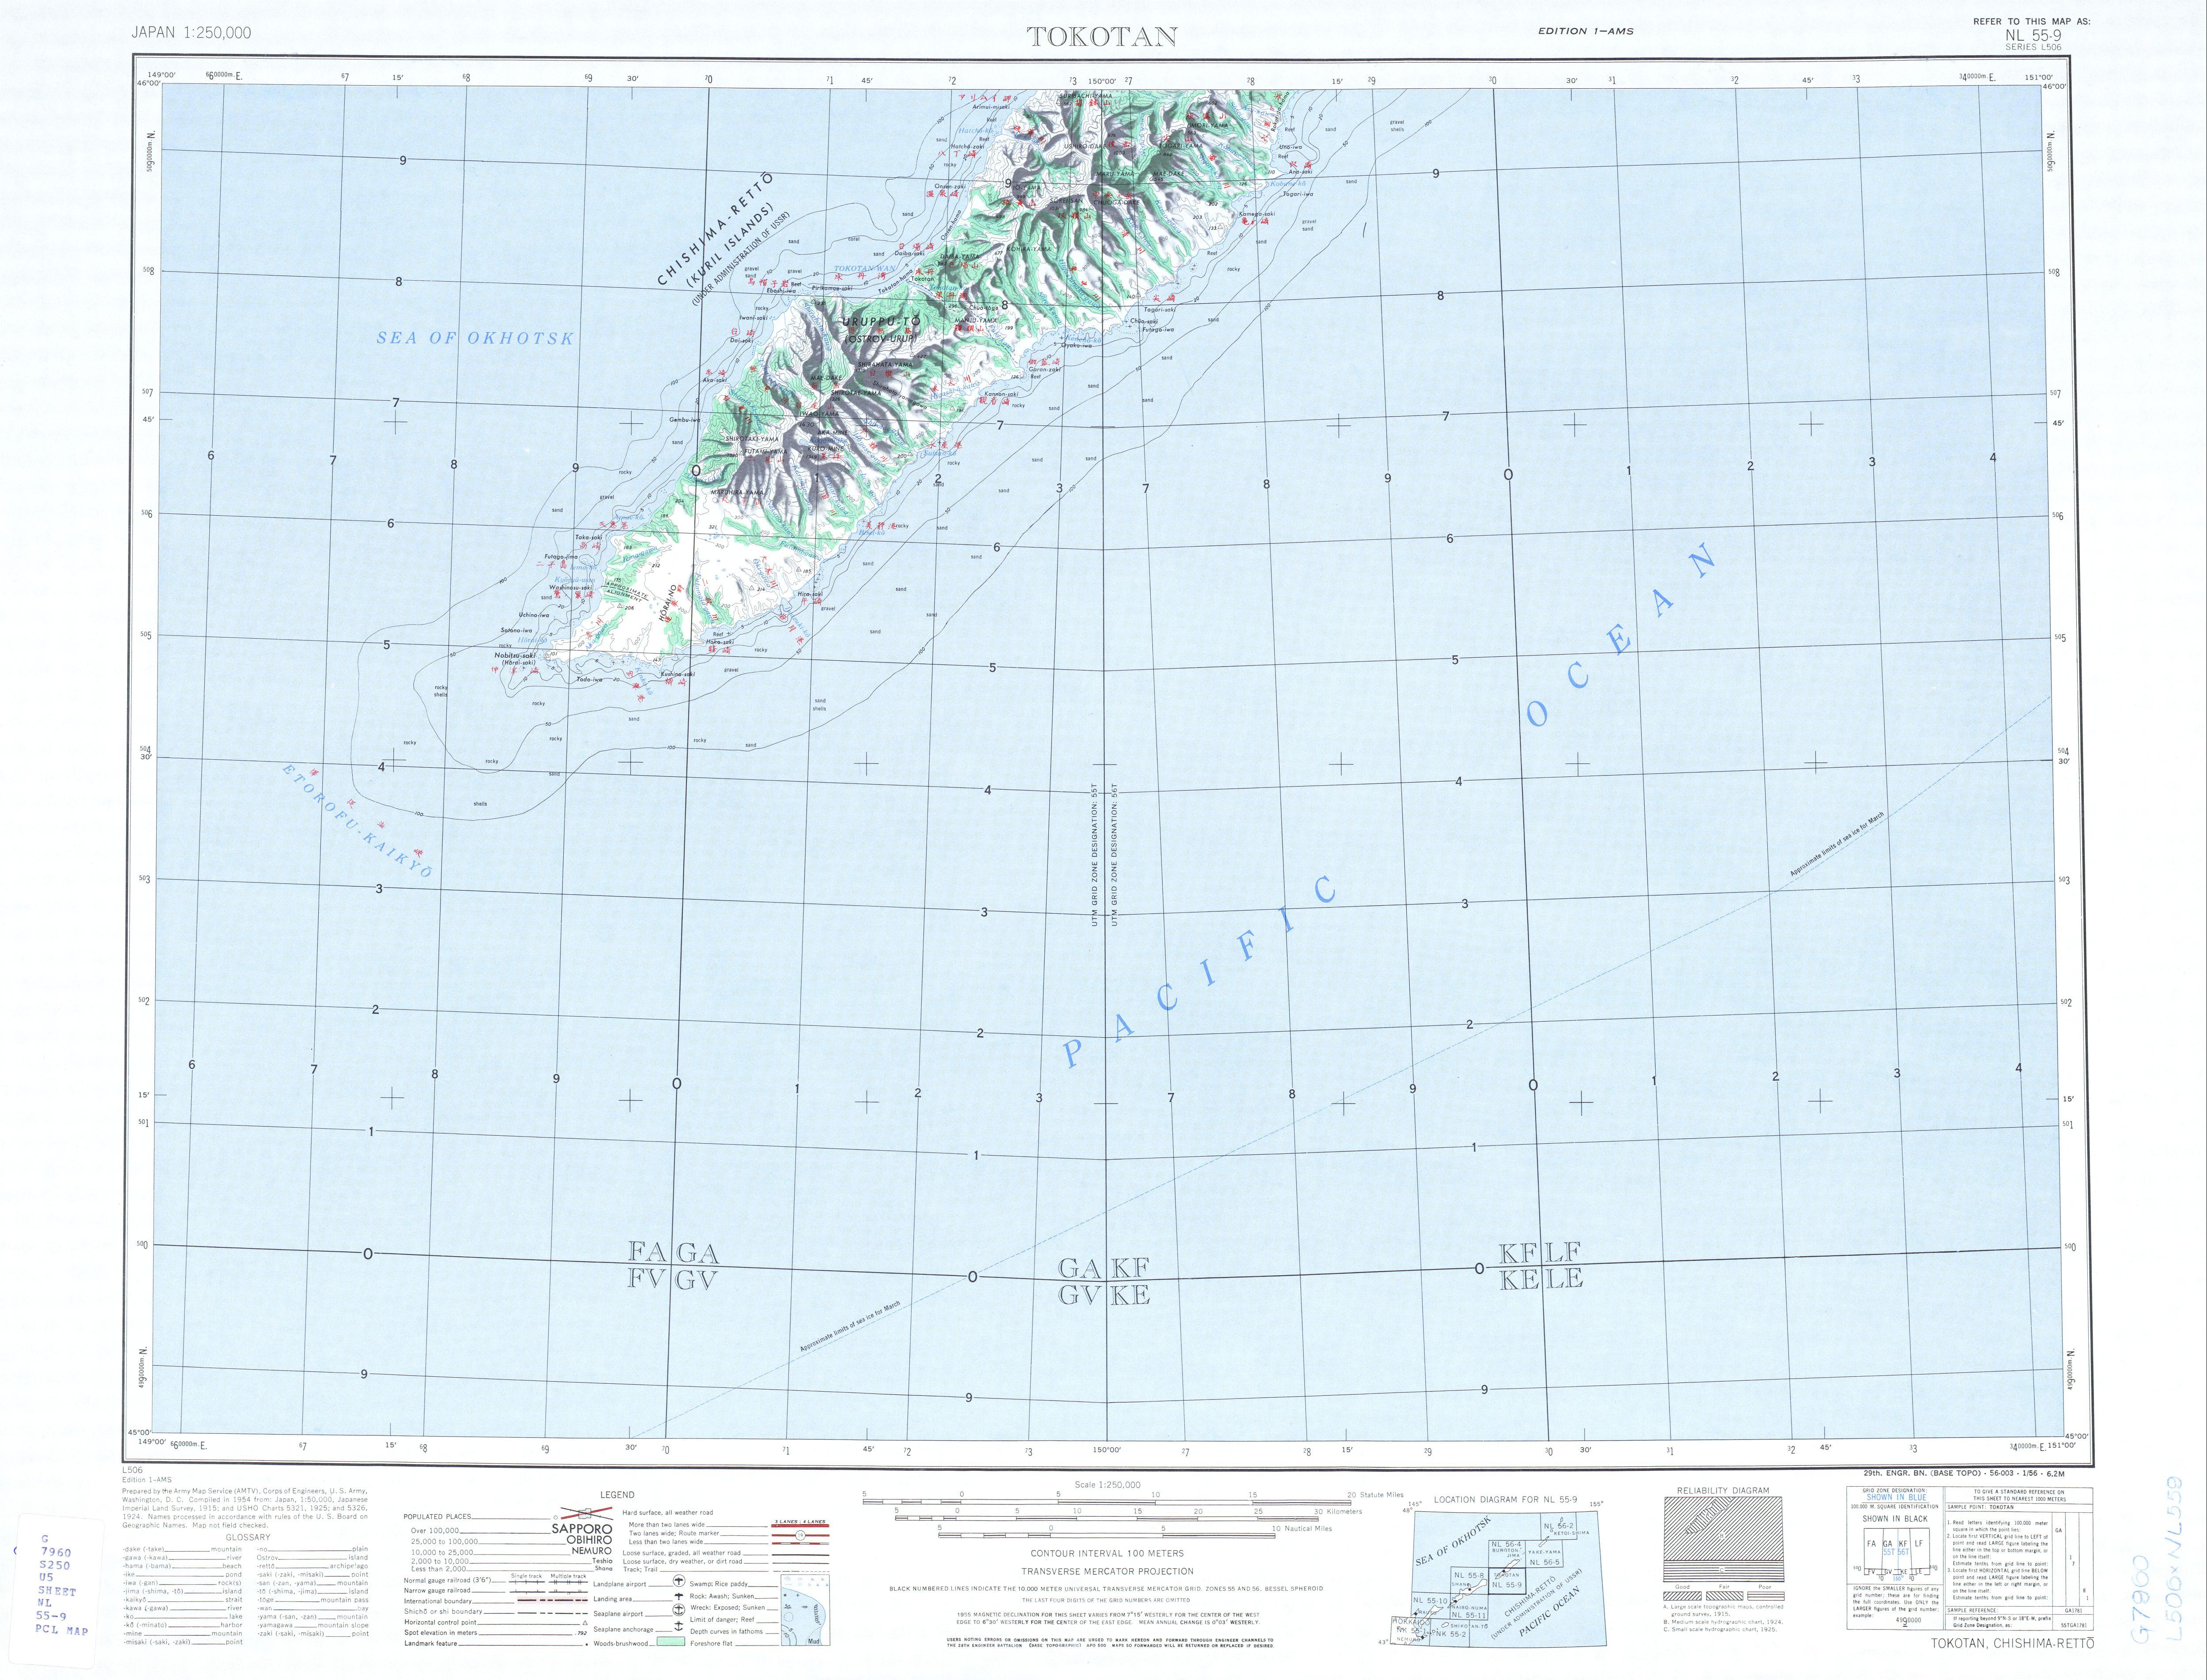 Hoja Tokotan del Mapa Topográfico de Japón 1954